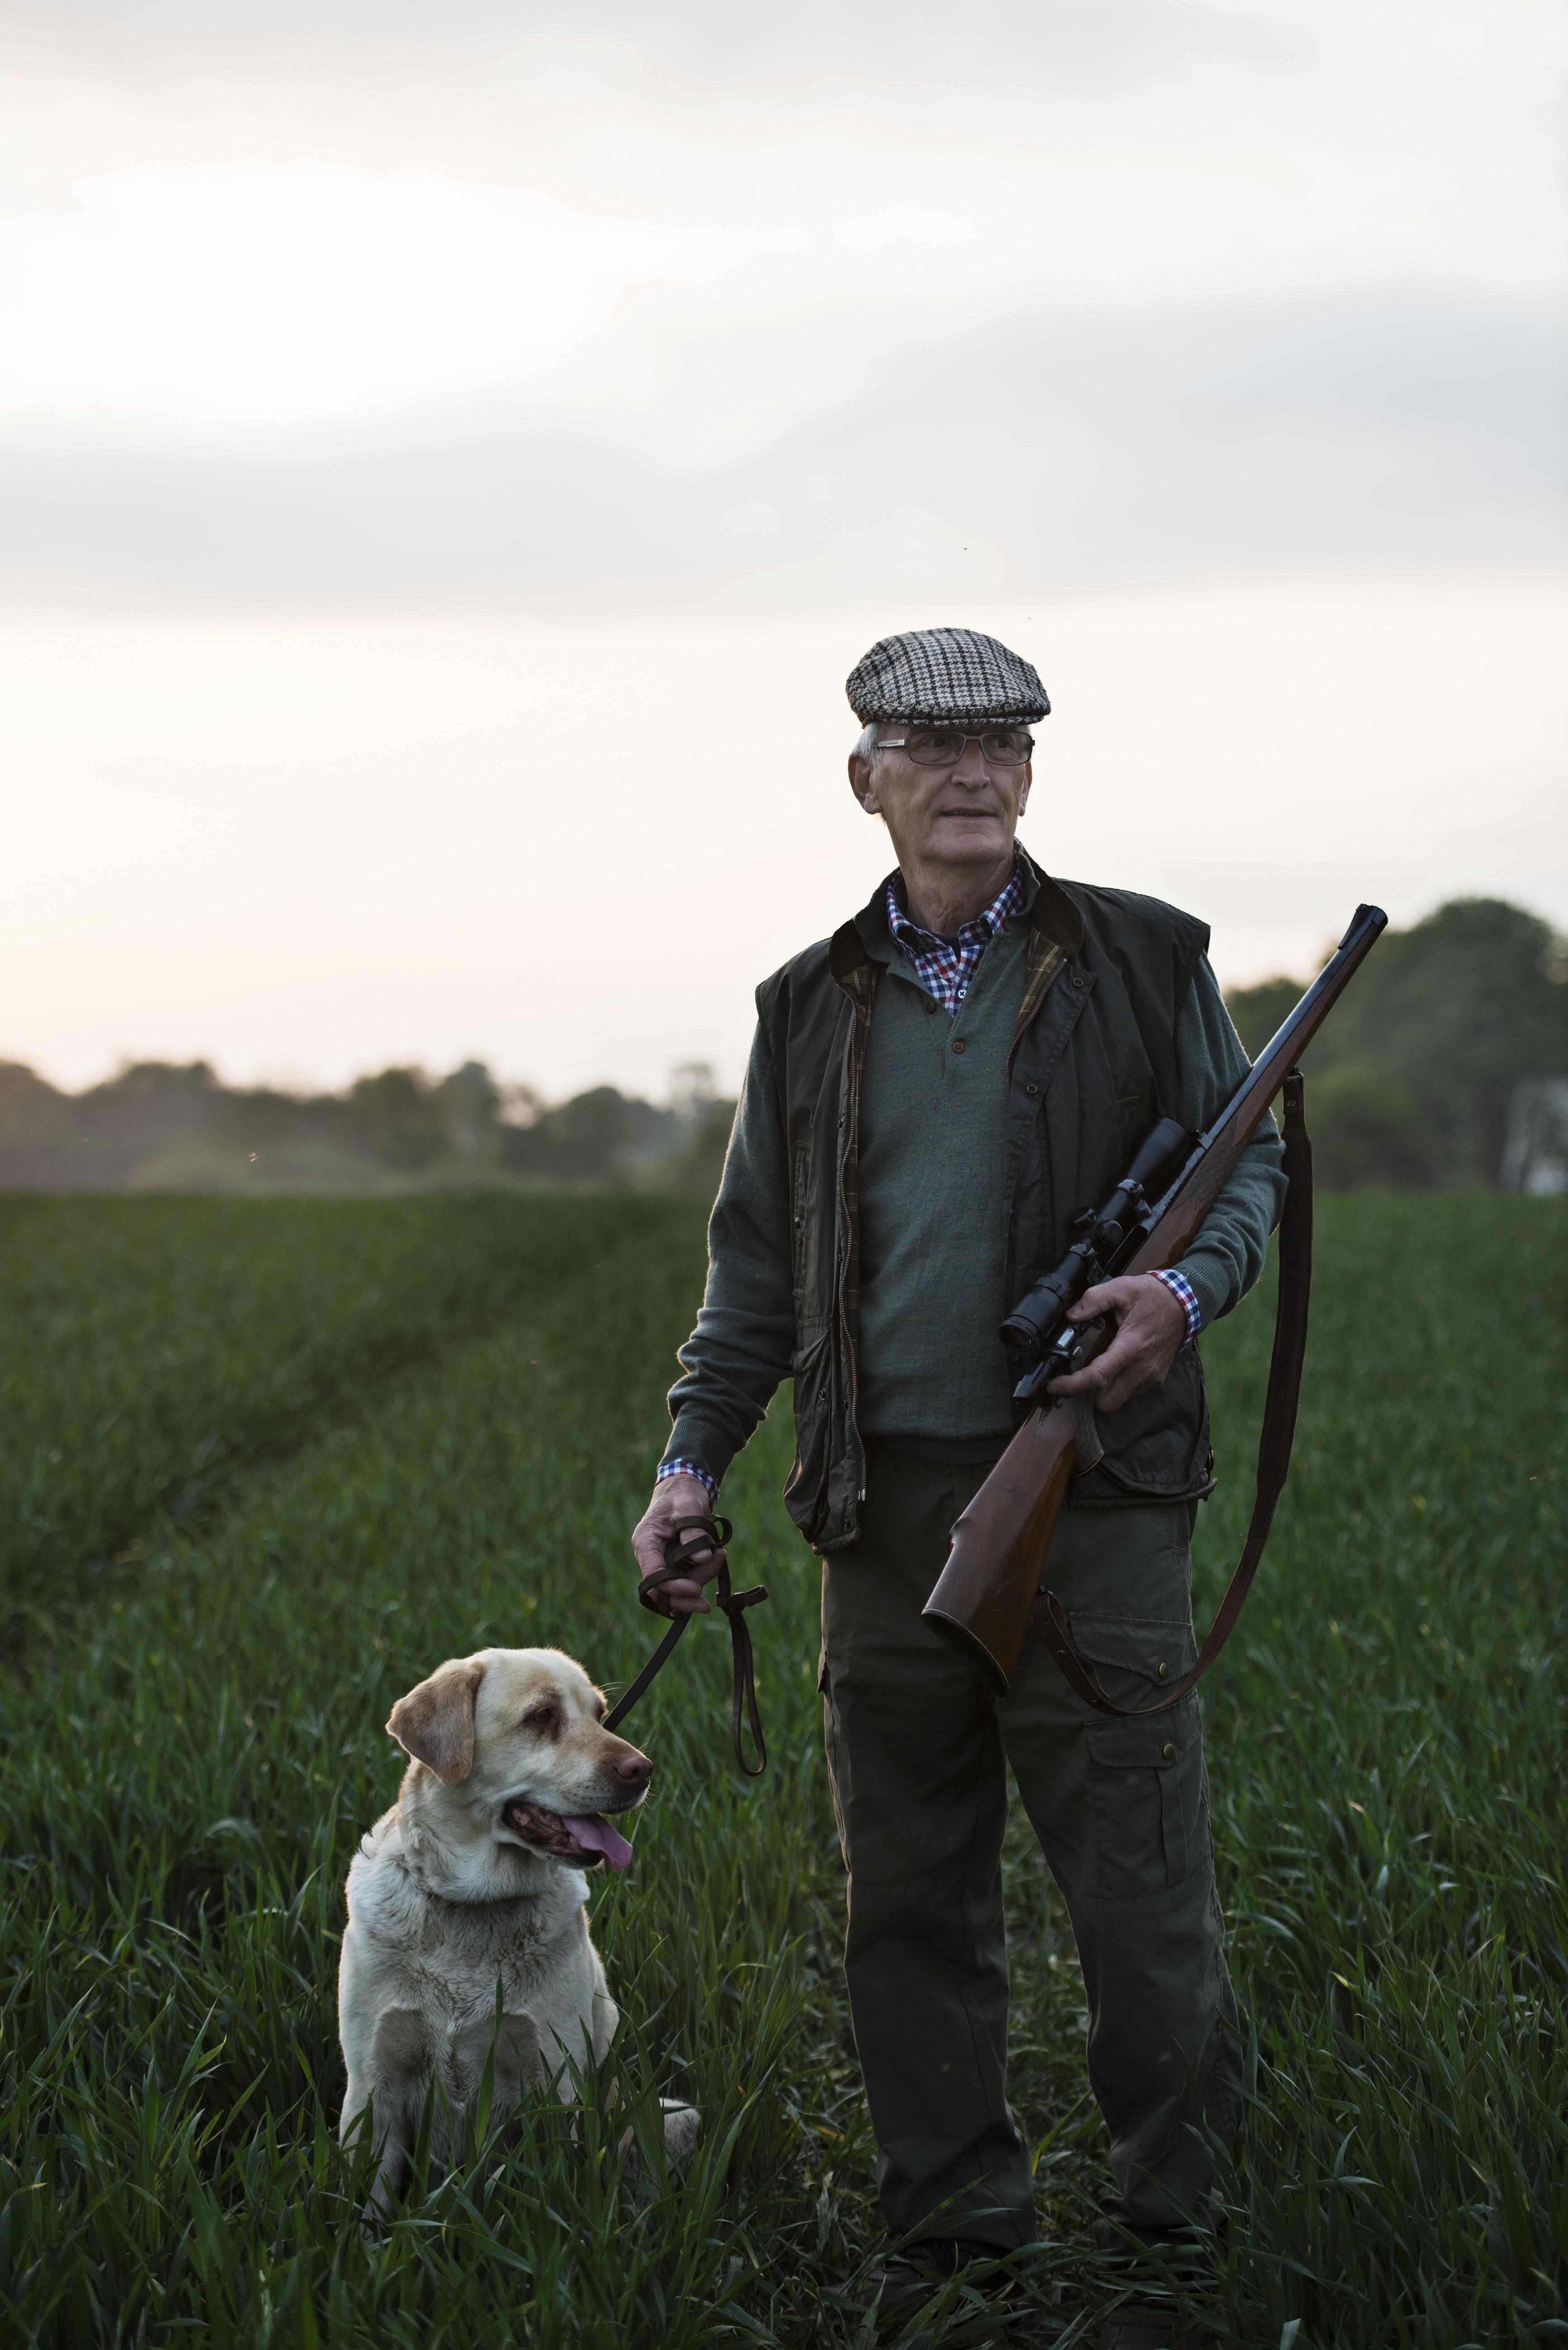 Τον πυροβόλησε ο σκύλος του με την καραμπίνα αλλά δεν βλέπει το λόγο να του πάρουν την άδεια